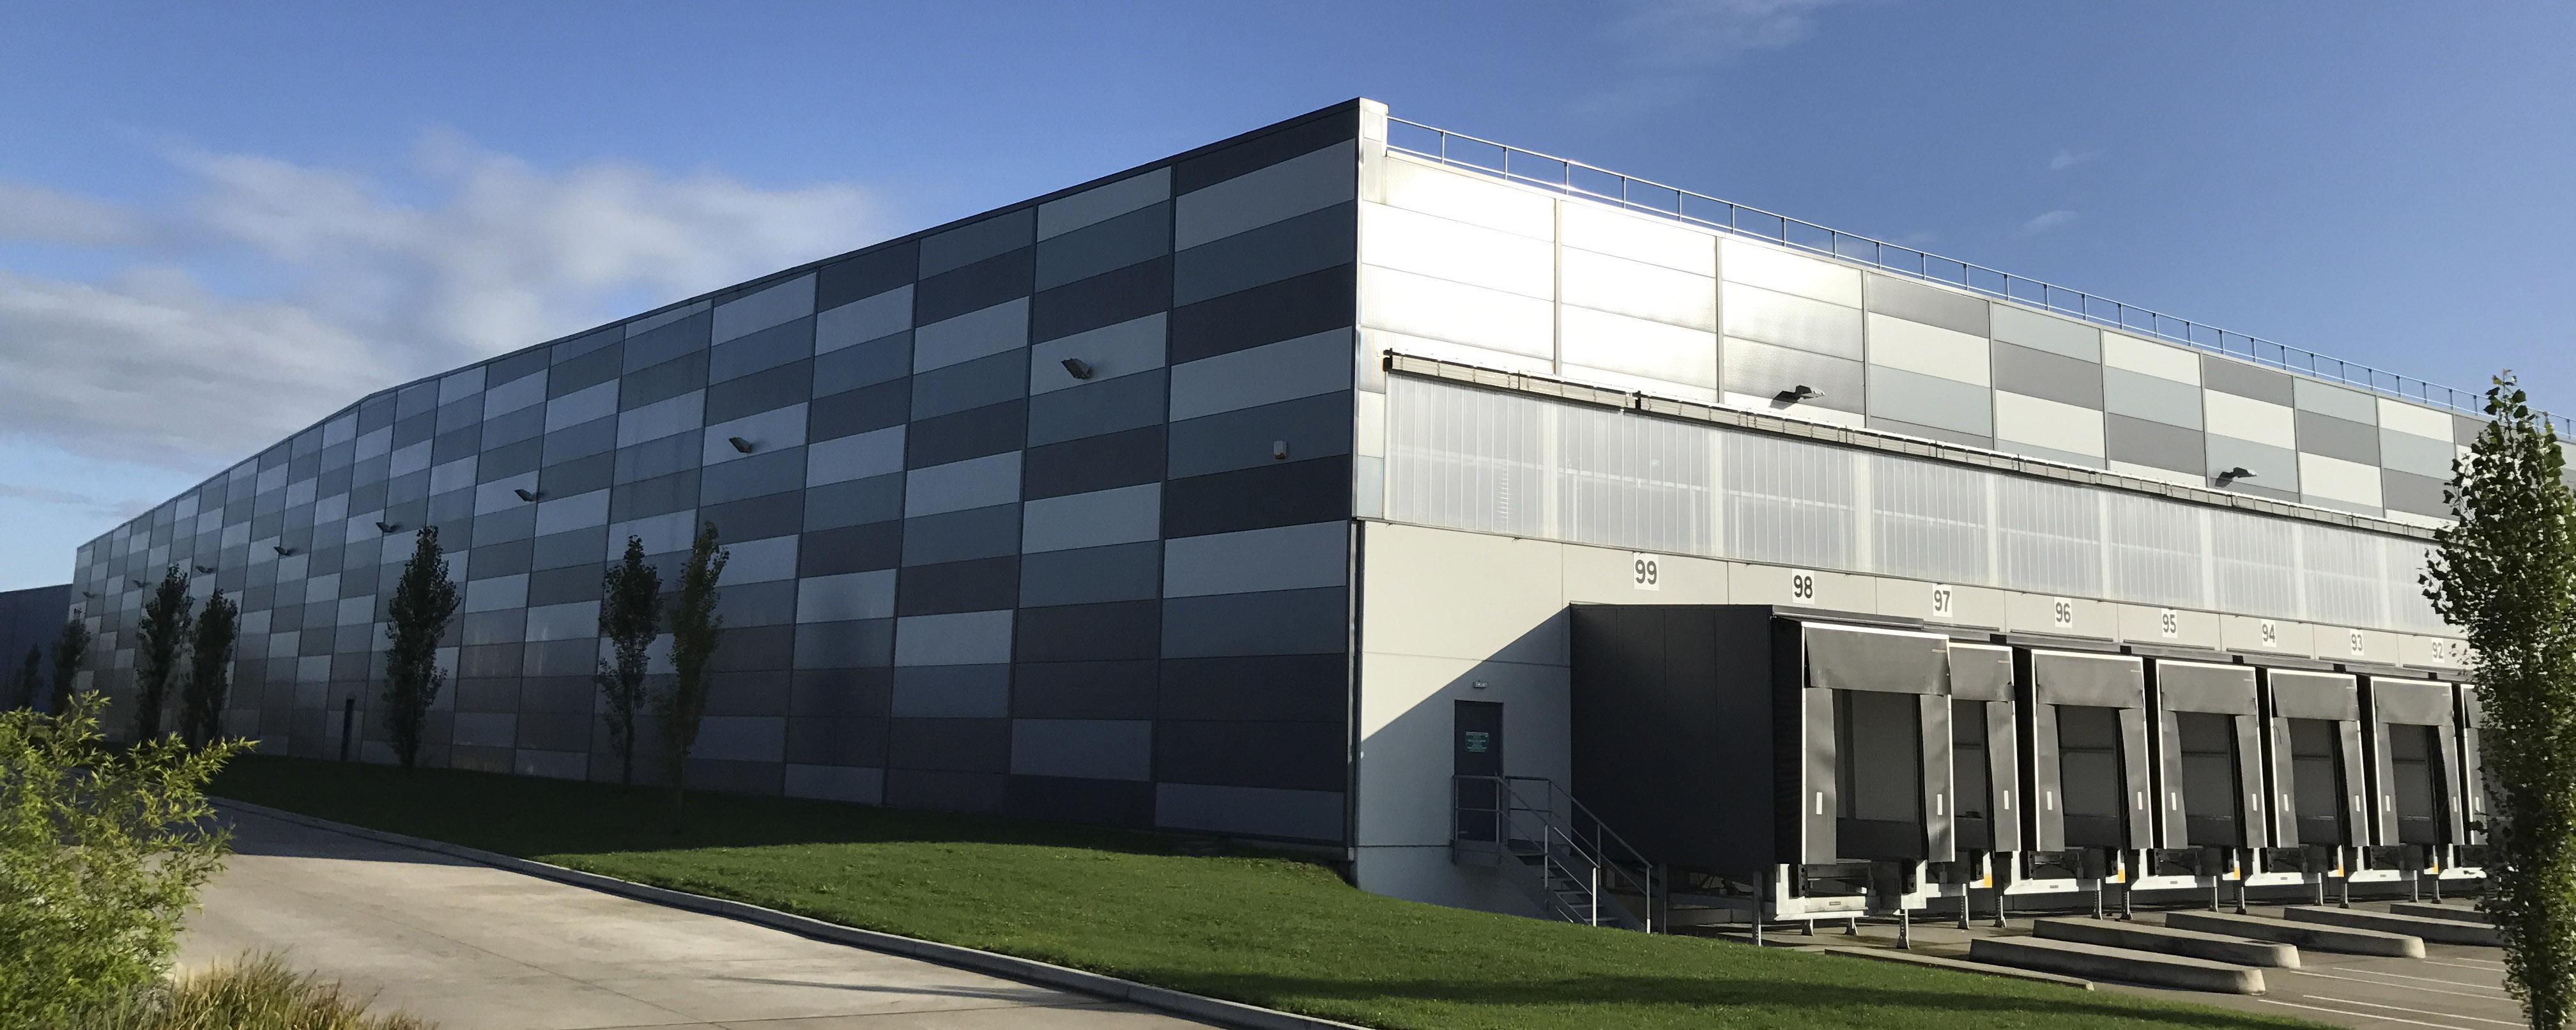 façade quai